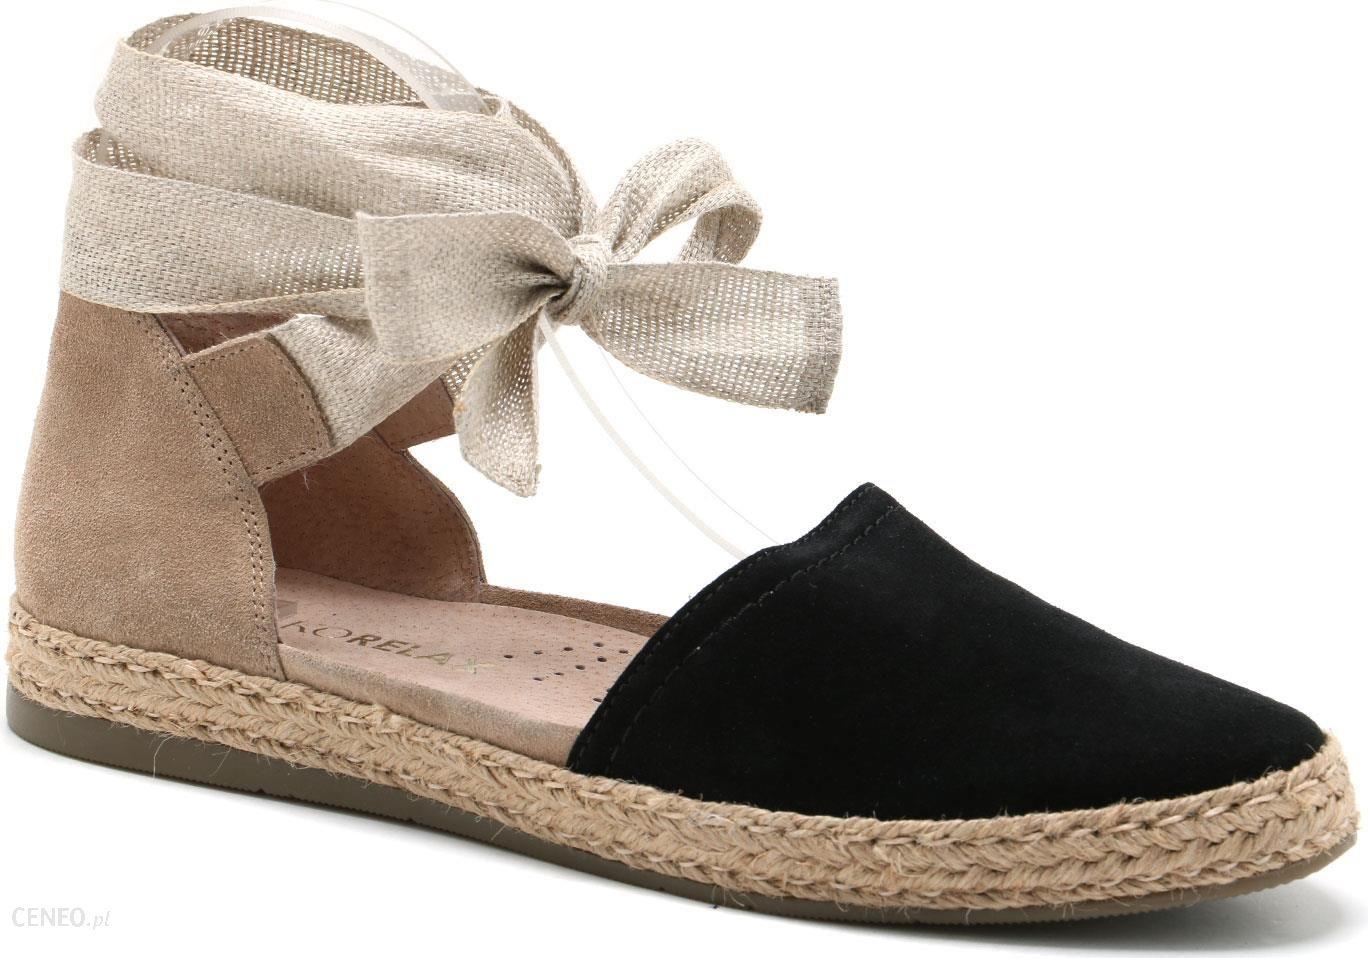 Espadryle Ryko 1mkn3 Xp6 Ceny I Opinie Sandal Wedges Zr01 Tan Zdjcie 1